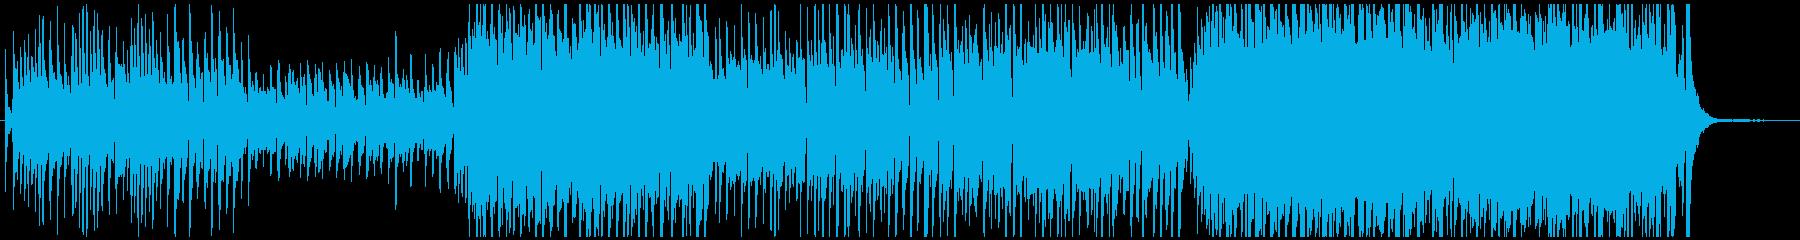 感動的なピアノメロオーケストラの再生済みの波形